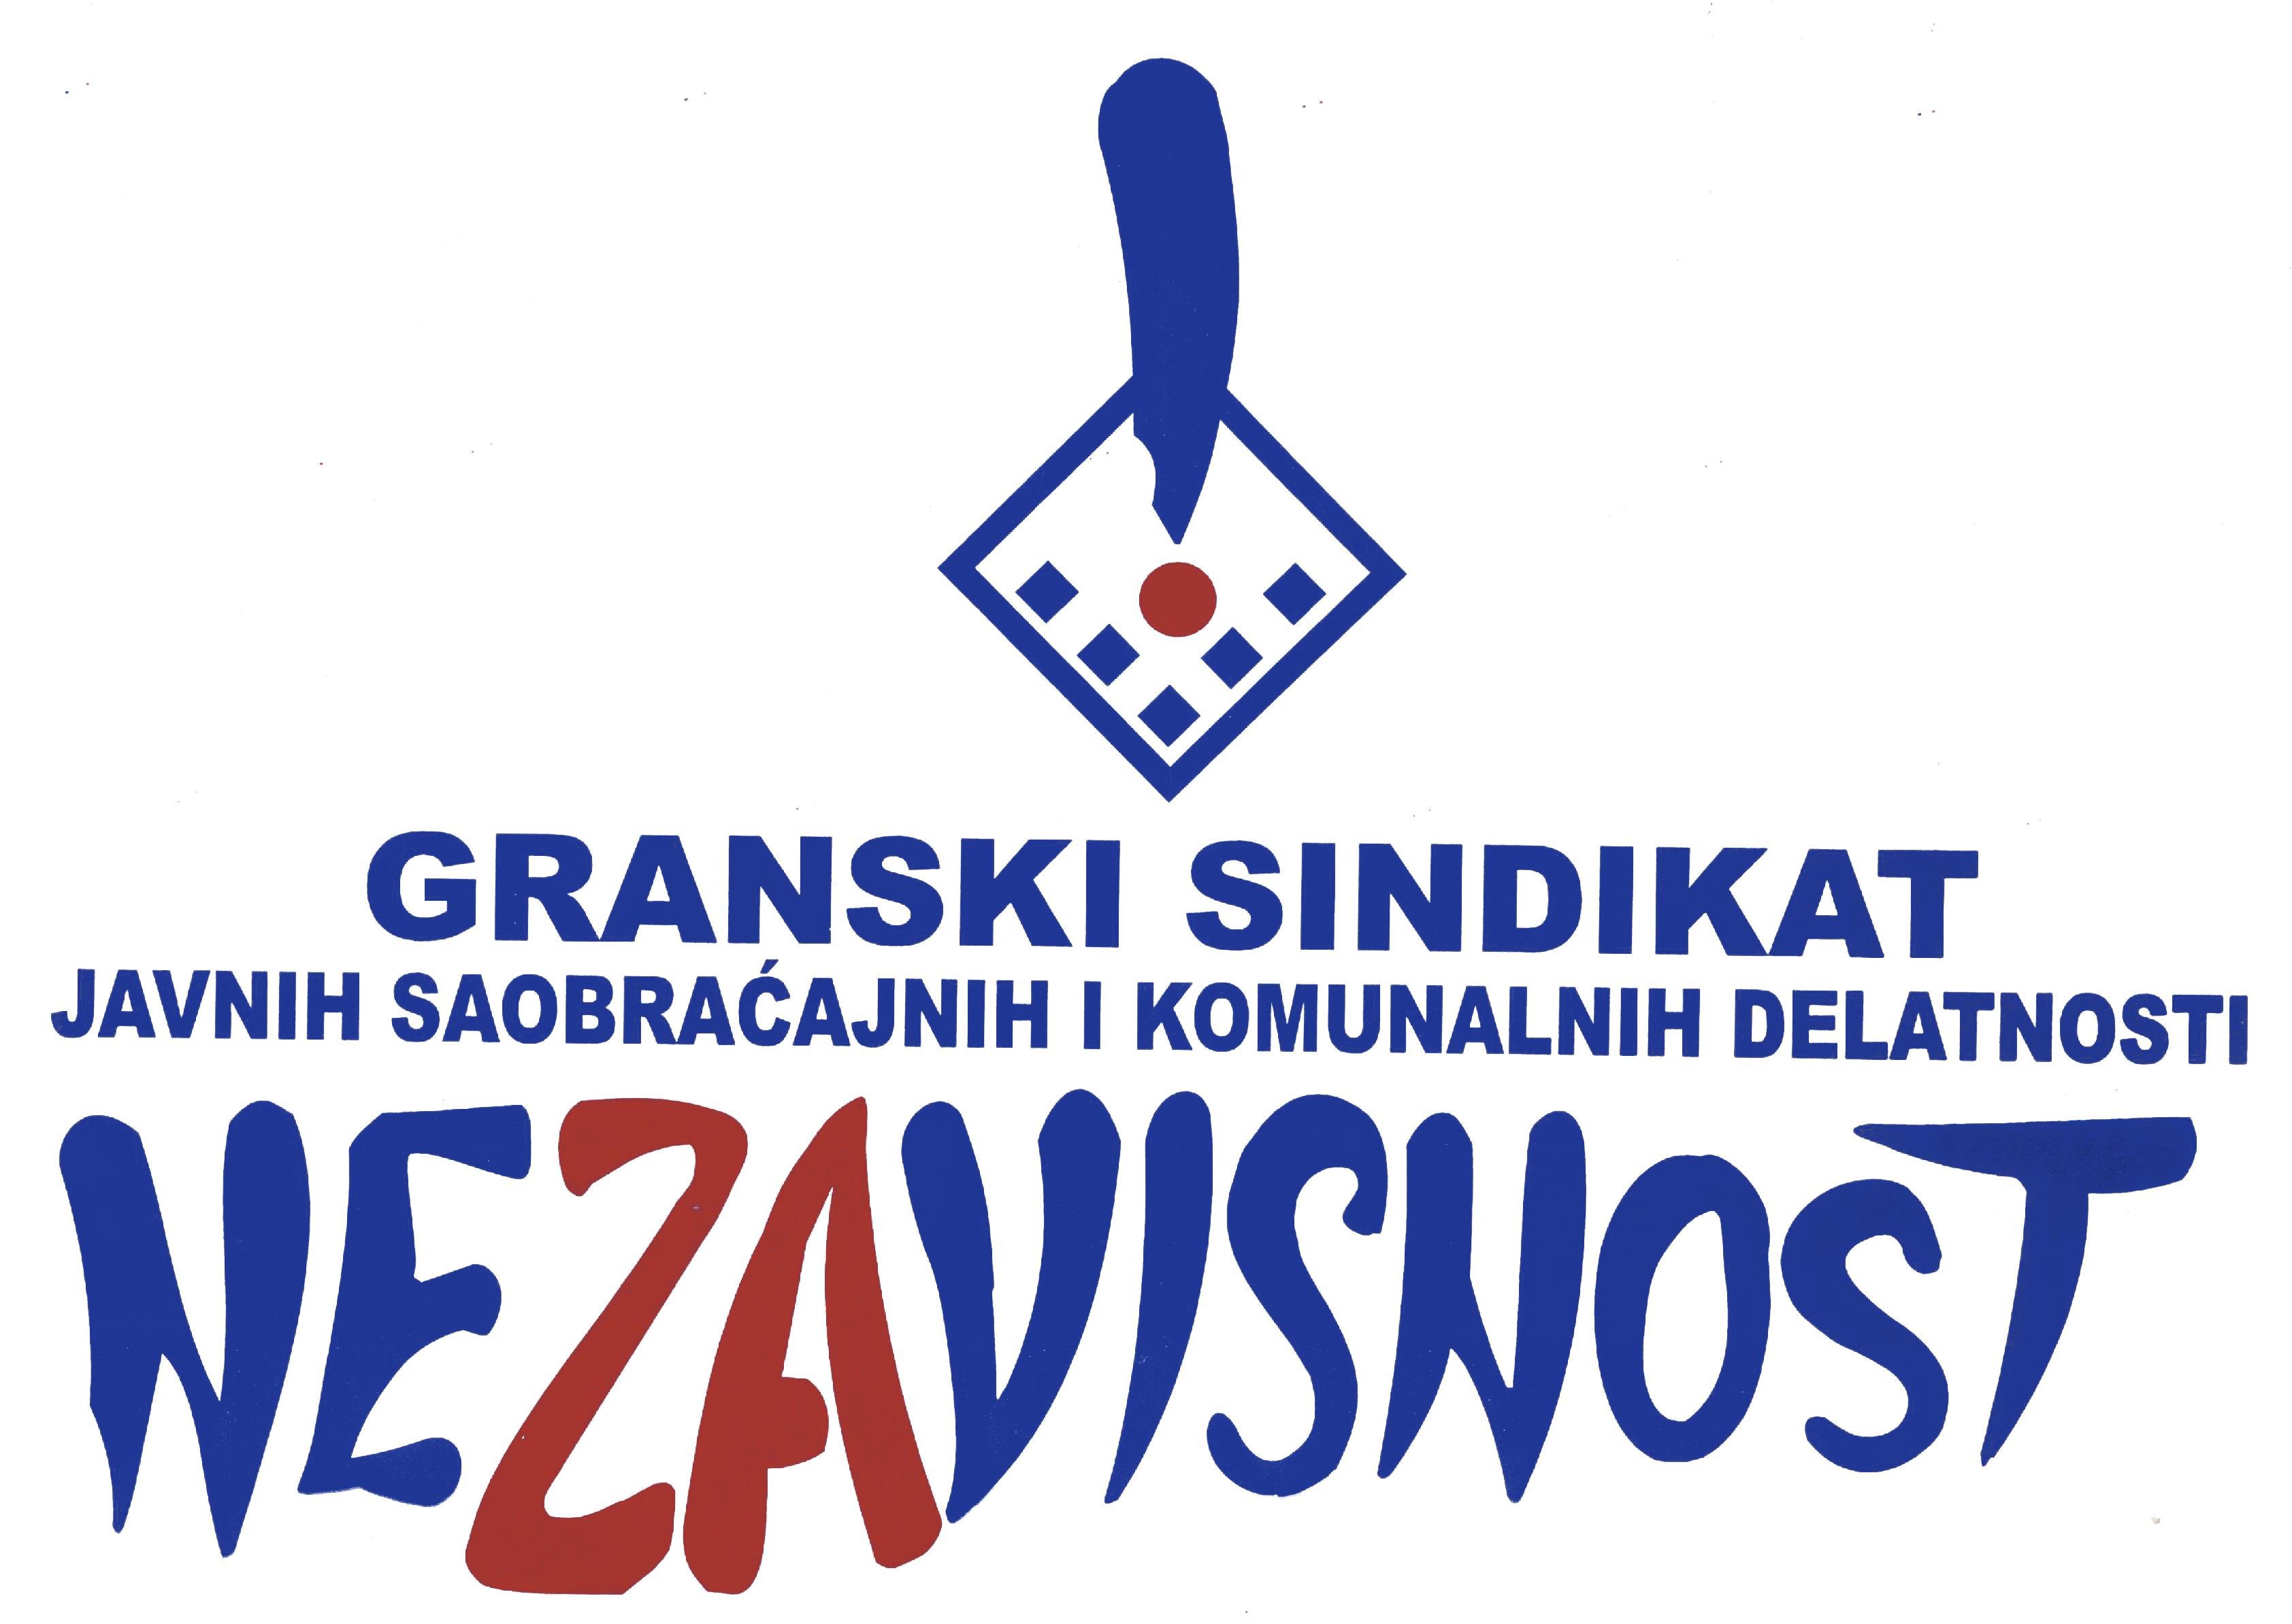 Za komunalce u RS Srbiji nema povećanja zarada - ZAŠTO OPET NE POSTOJIMO